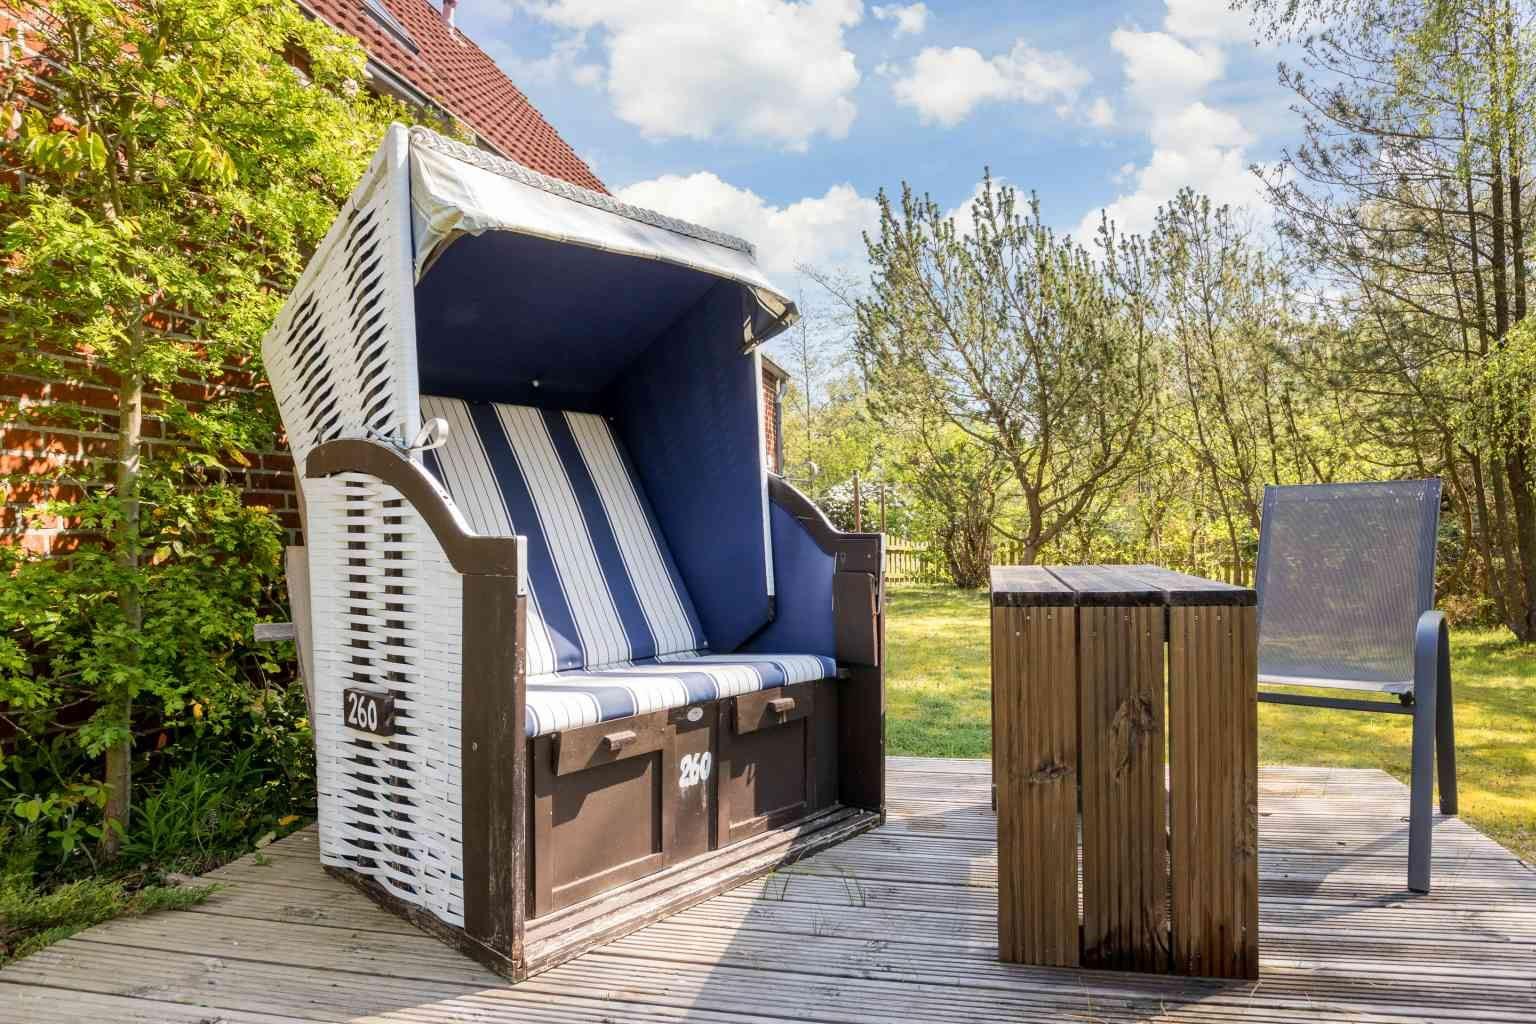 Sonnenfreisitz im Garten mit Strandkorb